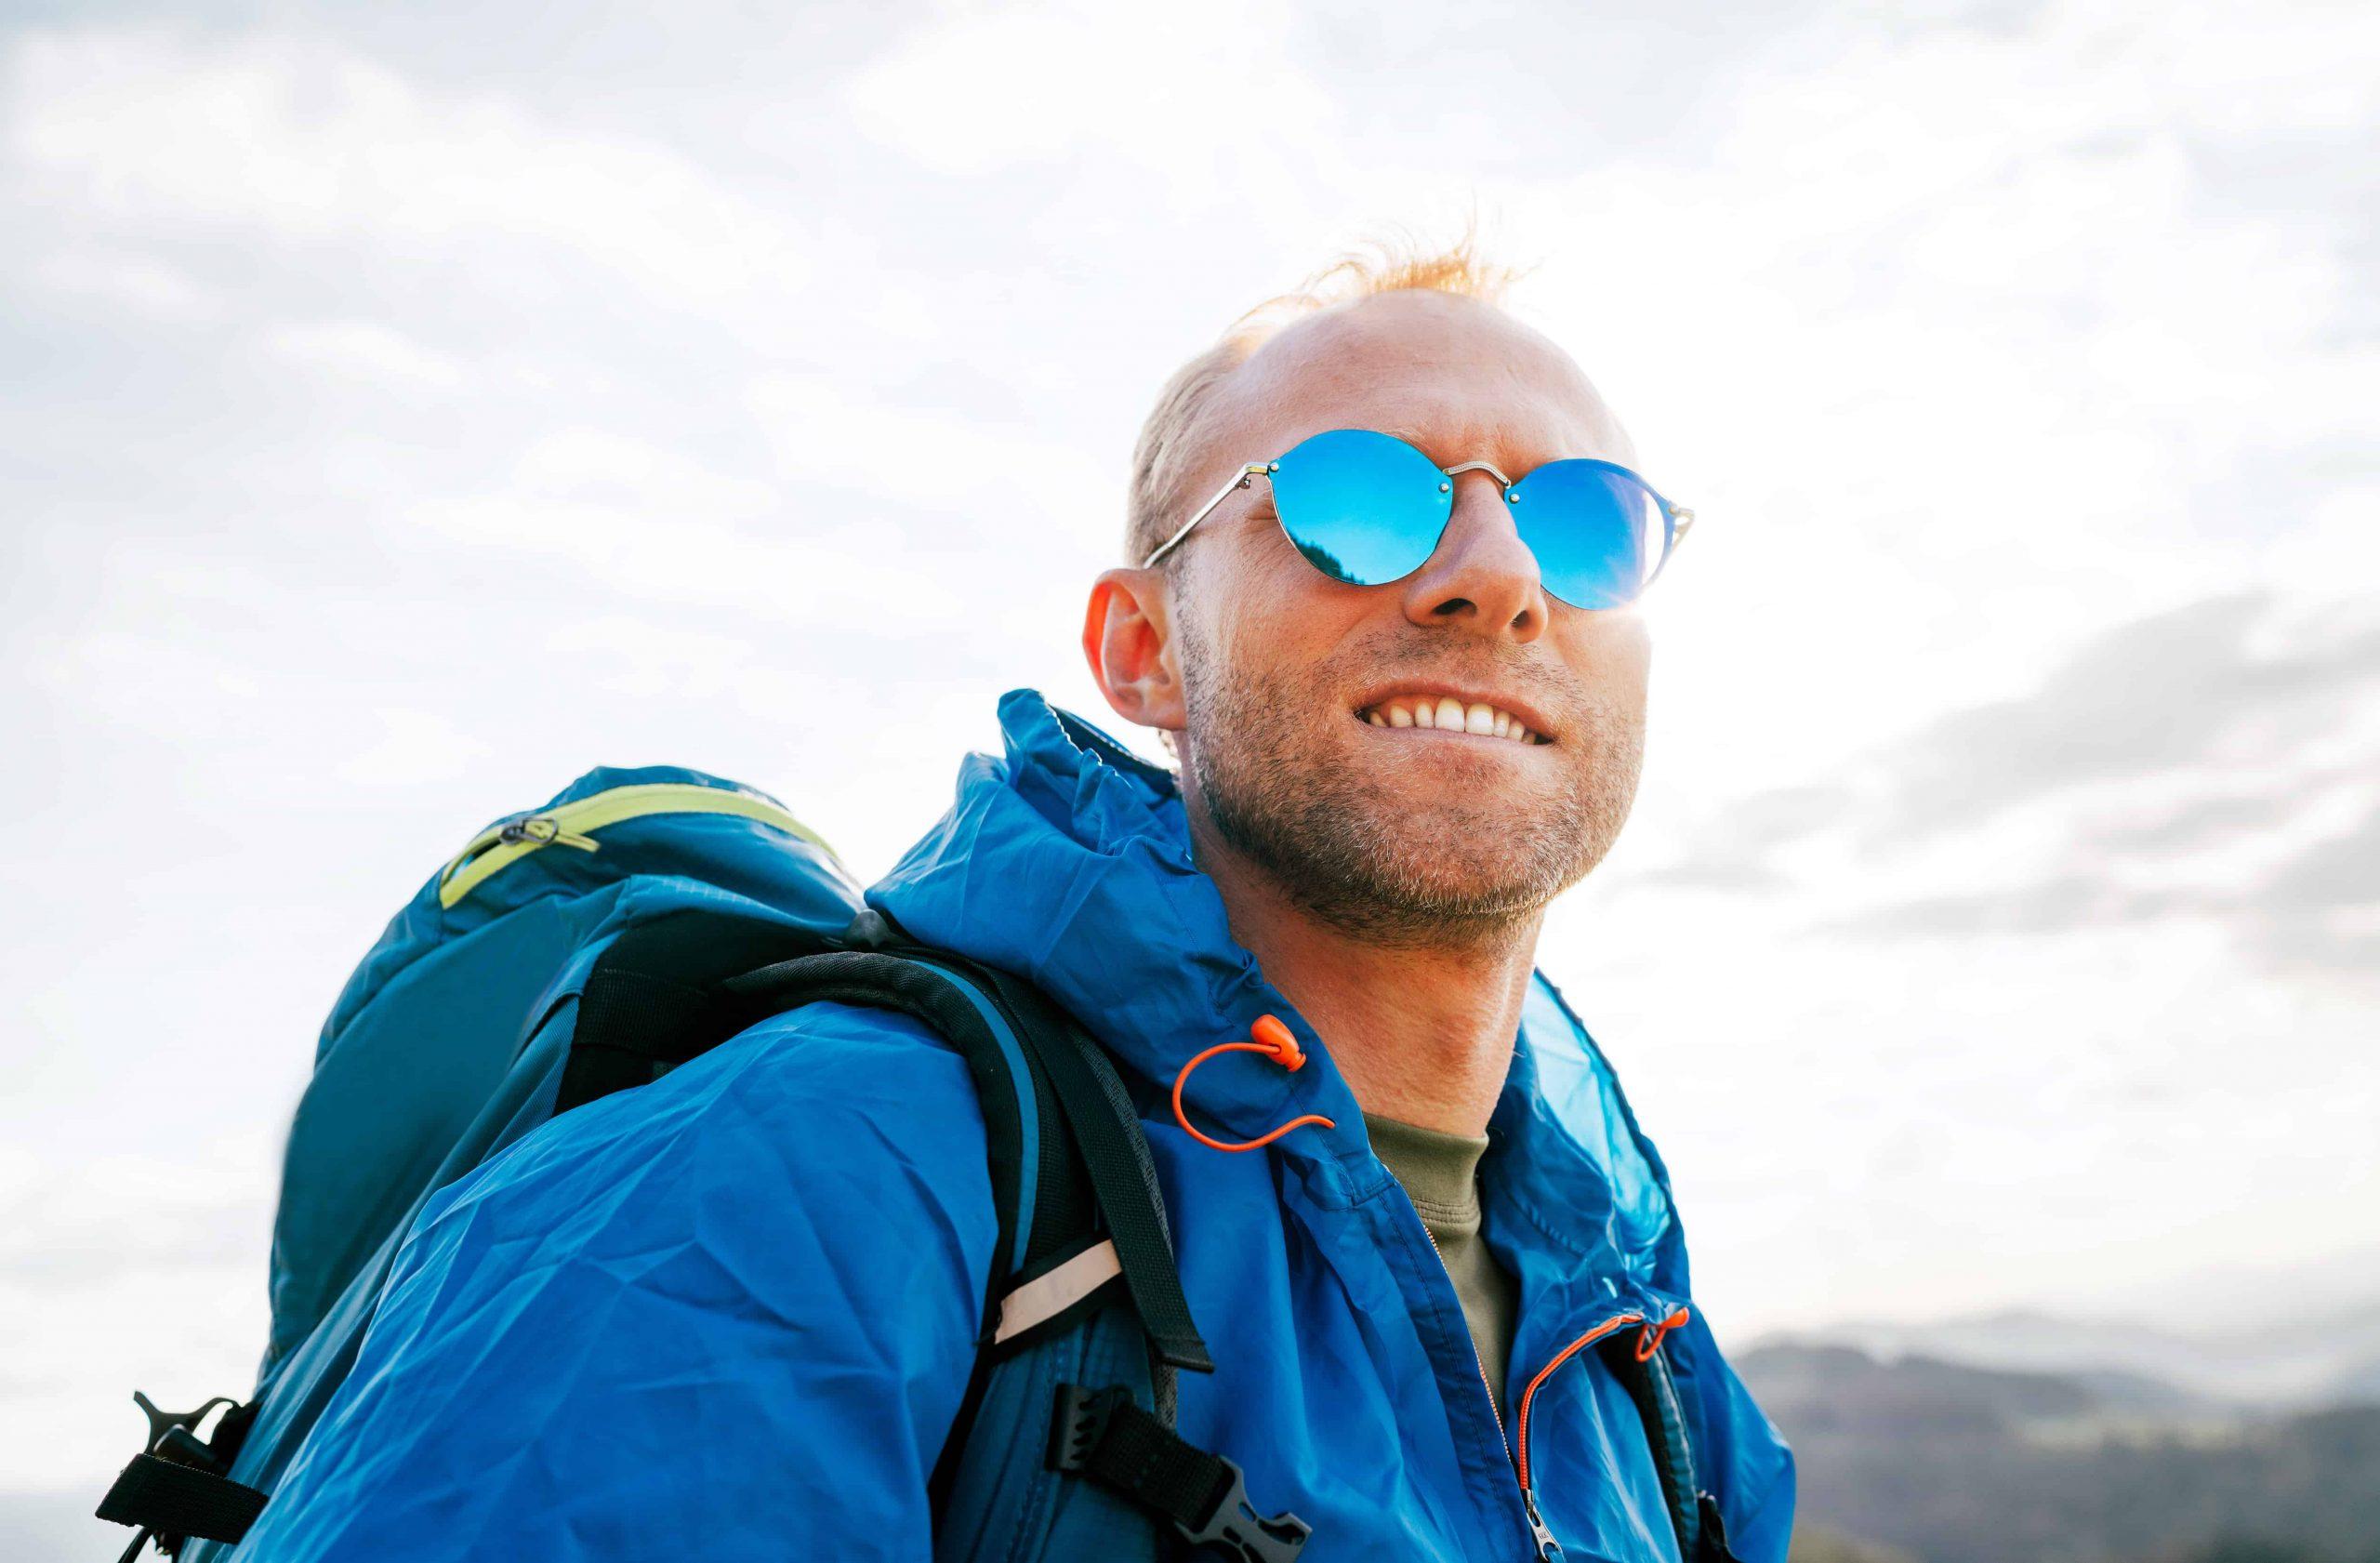 Gafas de sol de montaña: ¿Cuál es la mejor del 2021?